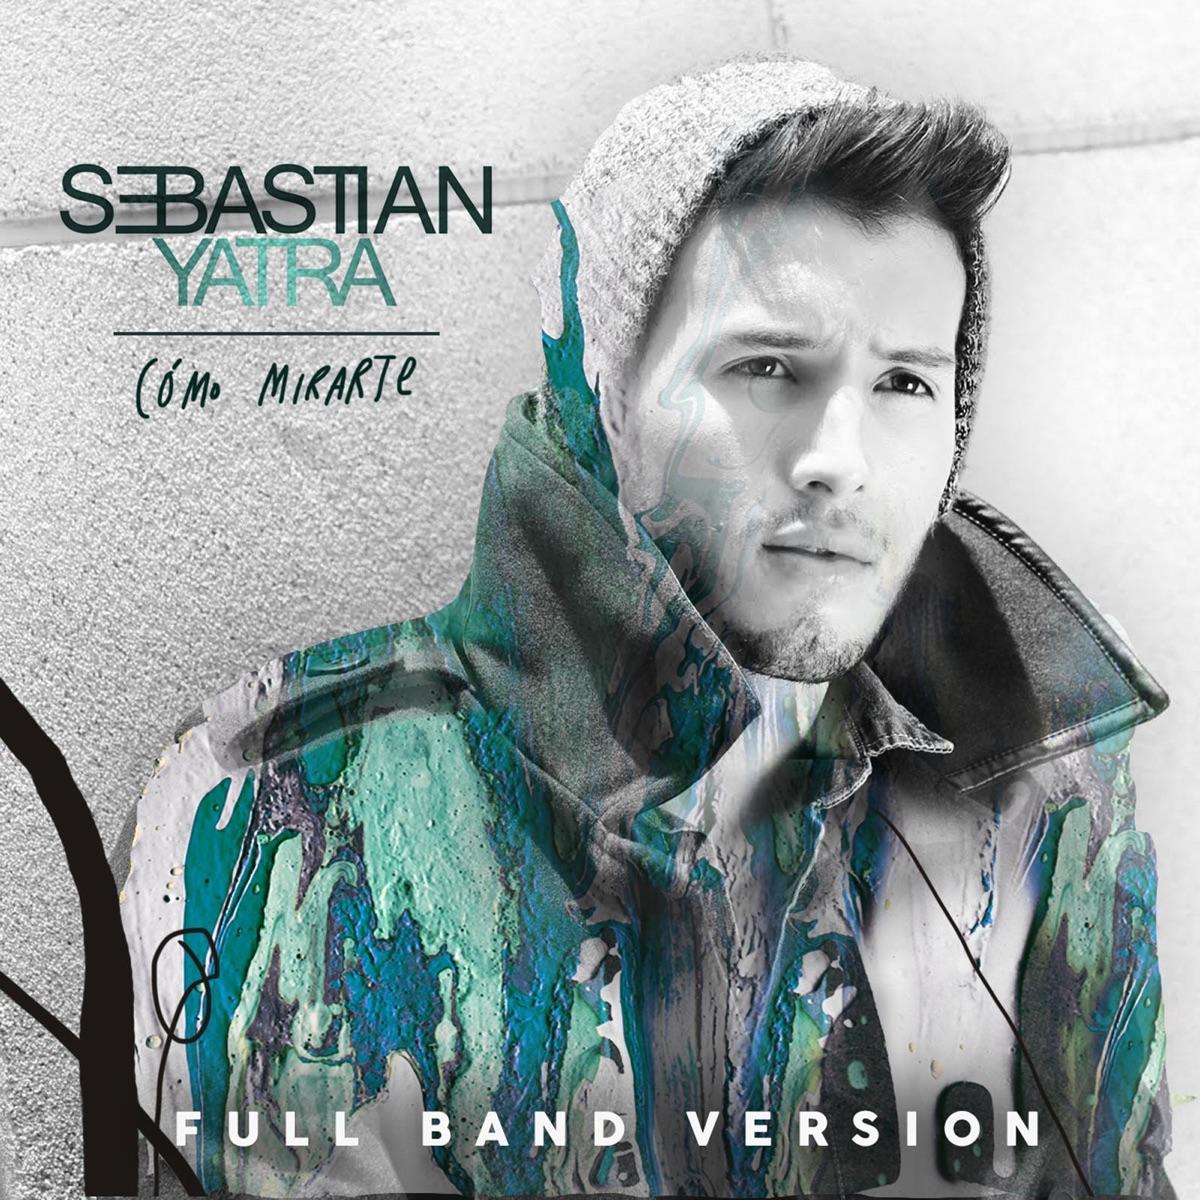 Como Mirarte Album Cover by Sebastián Yatra